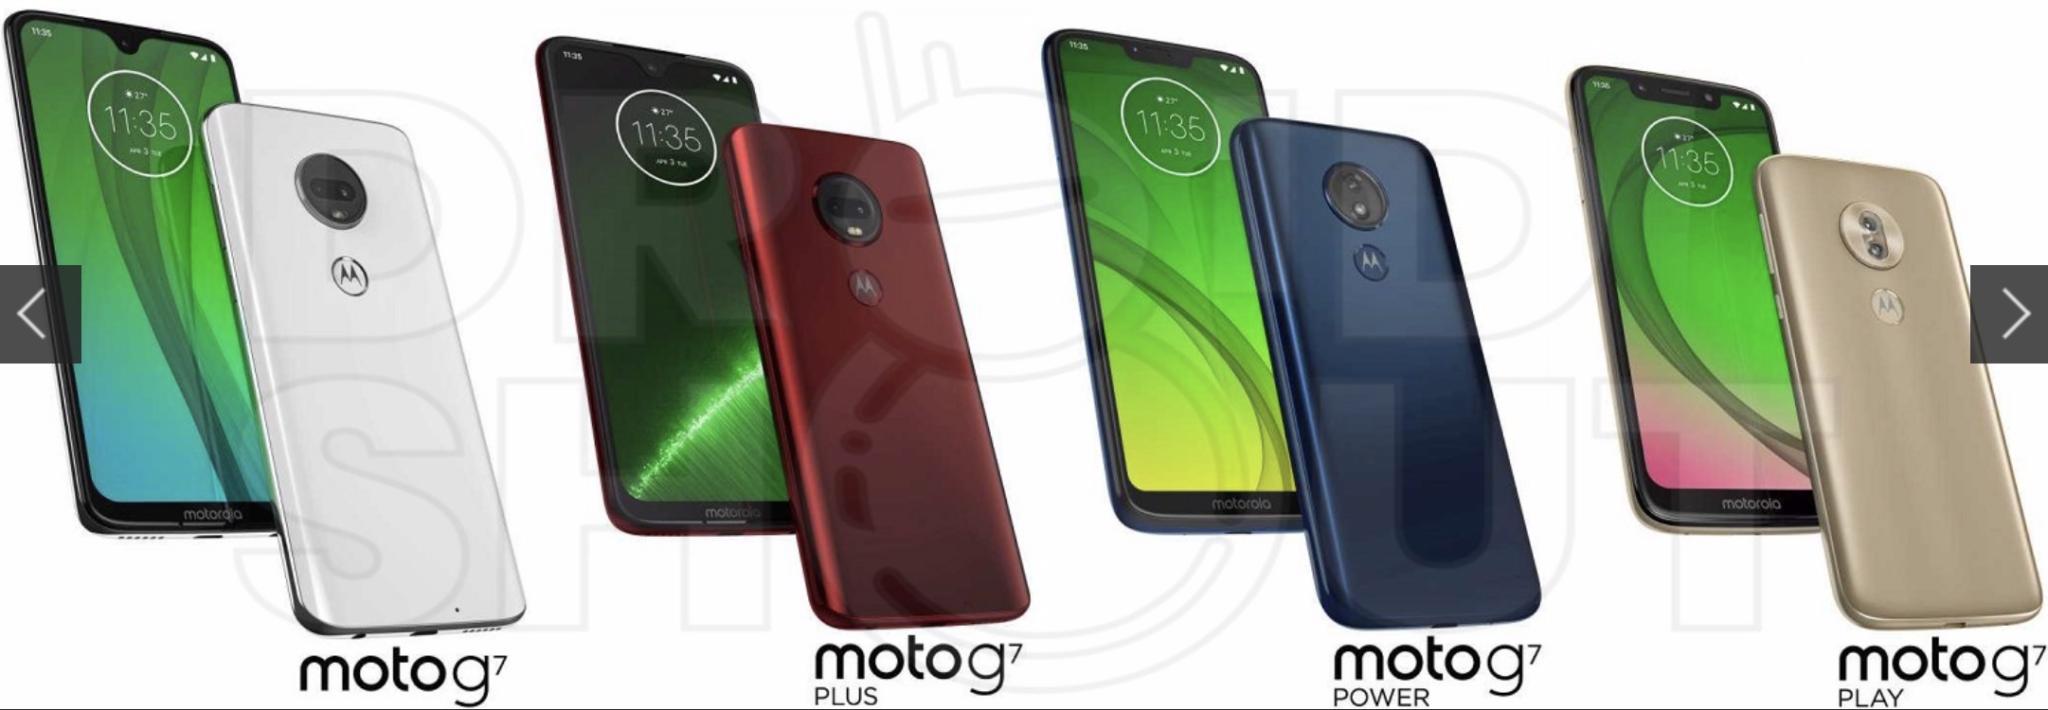 Řada Moto G7 nabídne hned několik různých výřezů v displeji